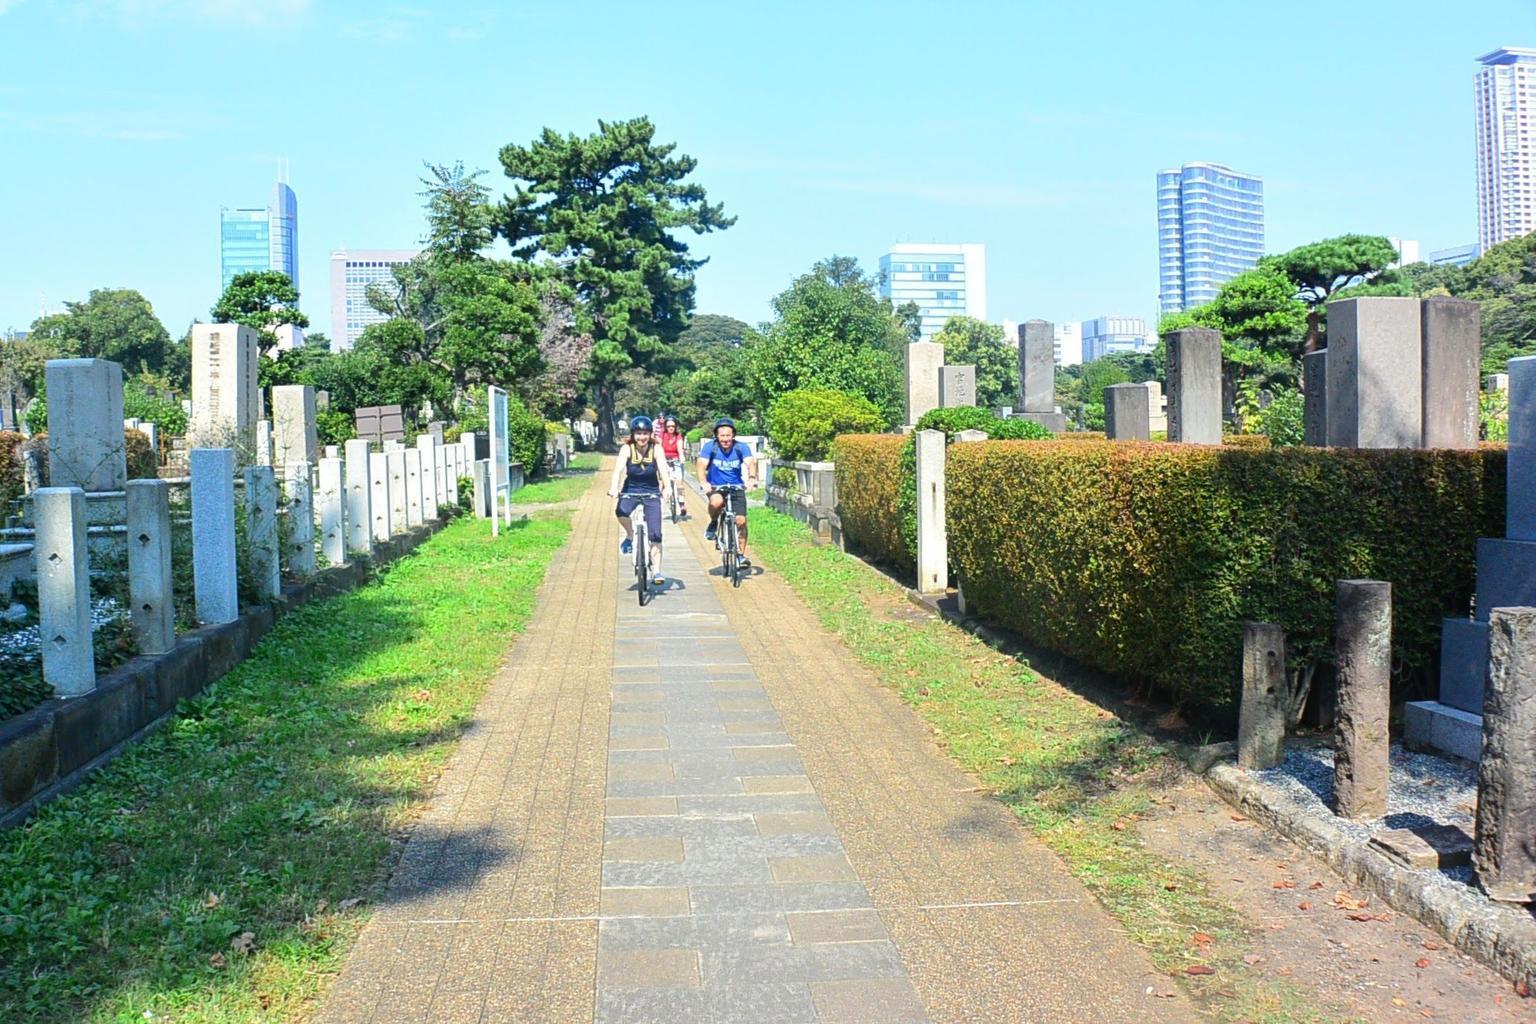 MÁS FOTOS, Excursión en bicicleta para grupos pequeños en Tokio